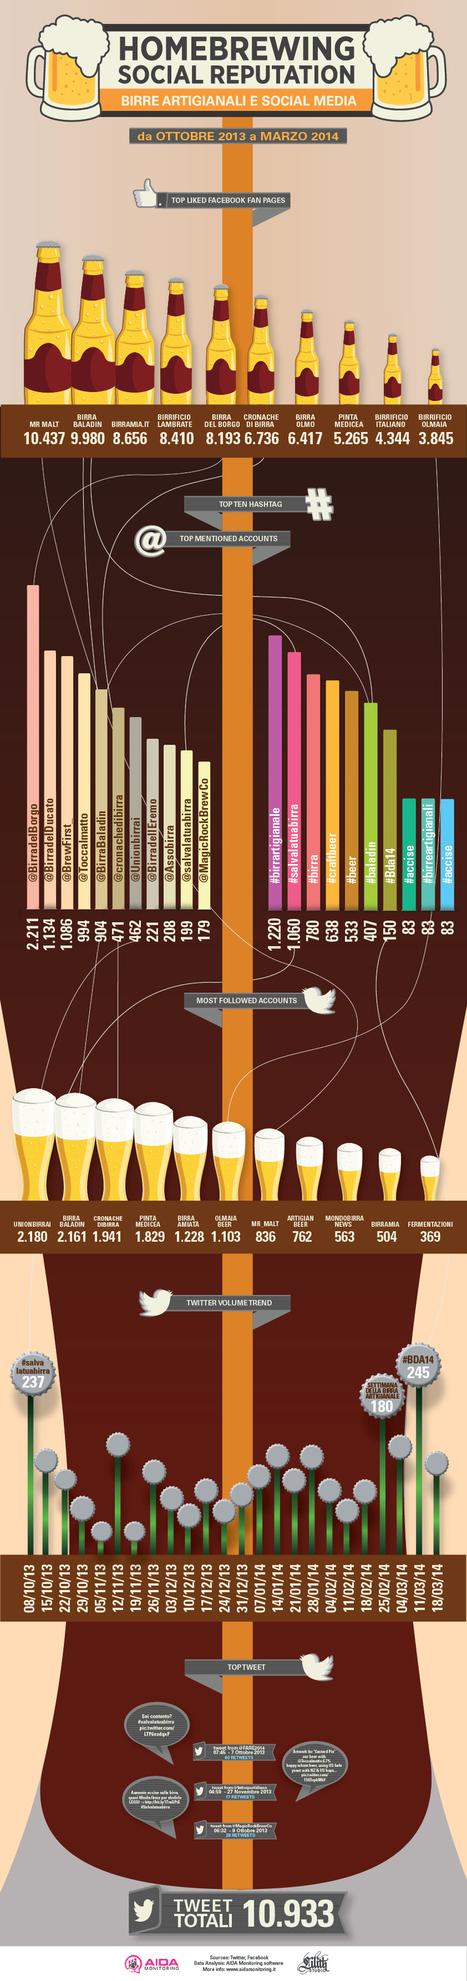 Social e anti gerarchiche: ecco come le birre artigianali hanno conquistato il mercato italiano | Il piacere del bere | Scoop.it